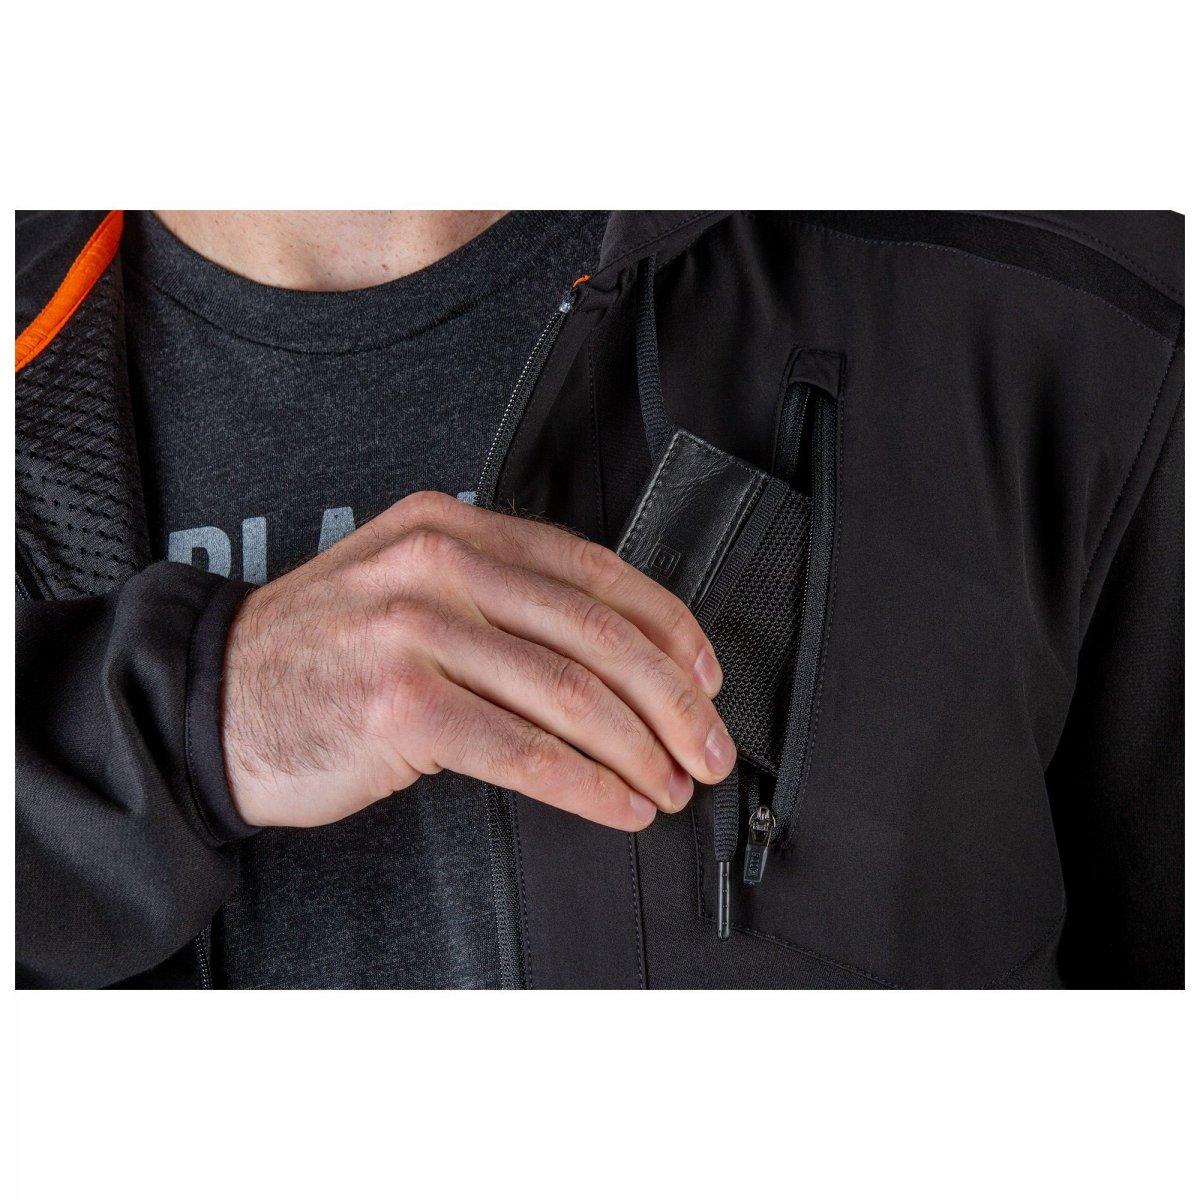 5.11 Tactical Series Herren Rappel Jacket Jacke